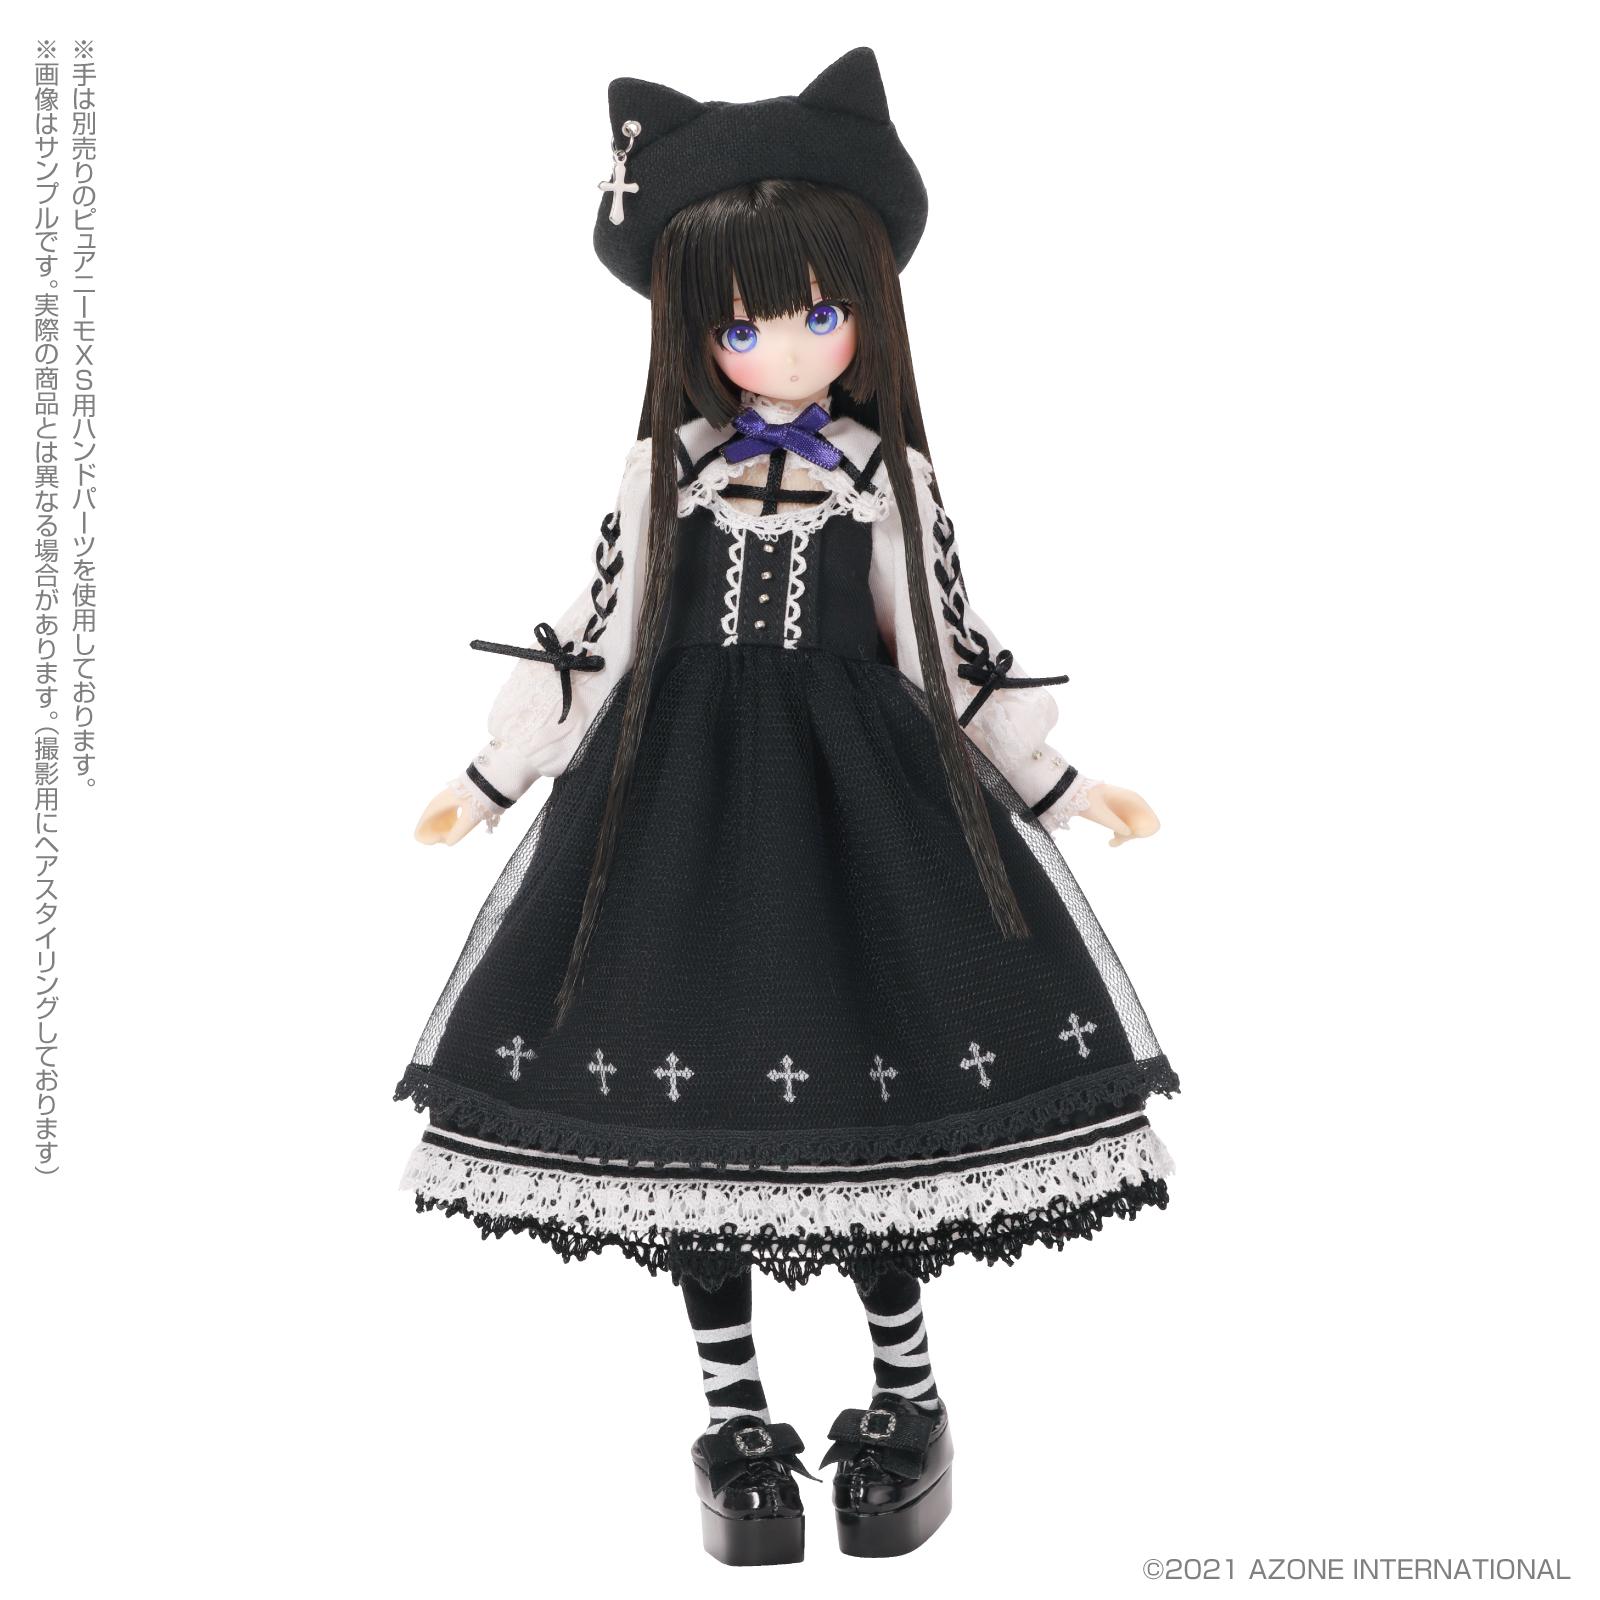 ルミナス*ストリート『みい/Mii ~Cat walking path~(通常販売ver.)』Luminous*Street 1/6 完成品ドール-015